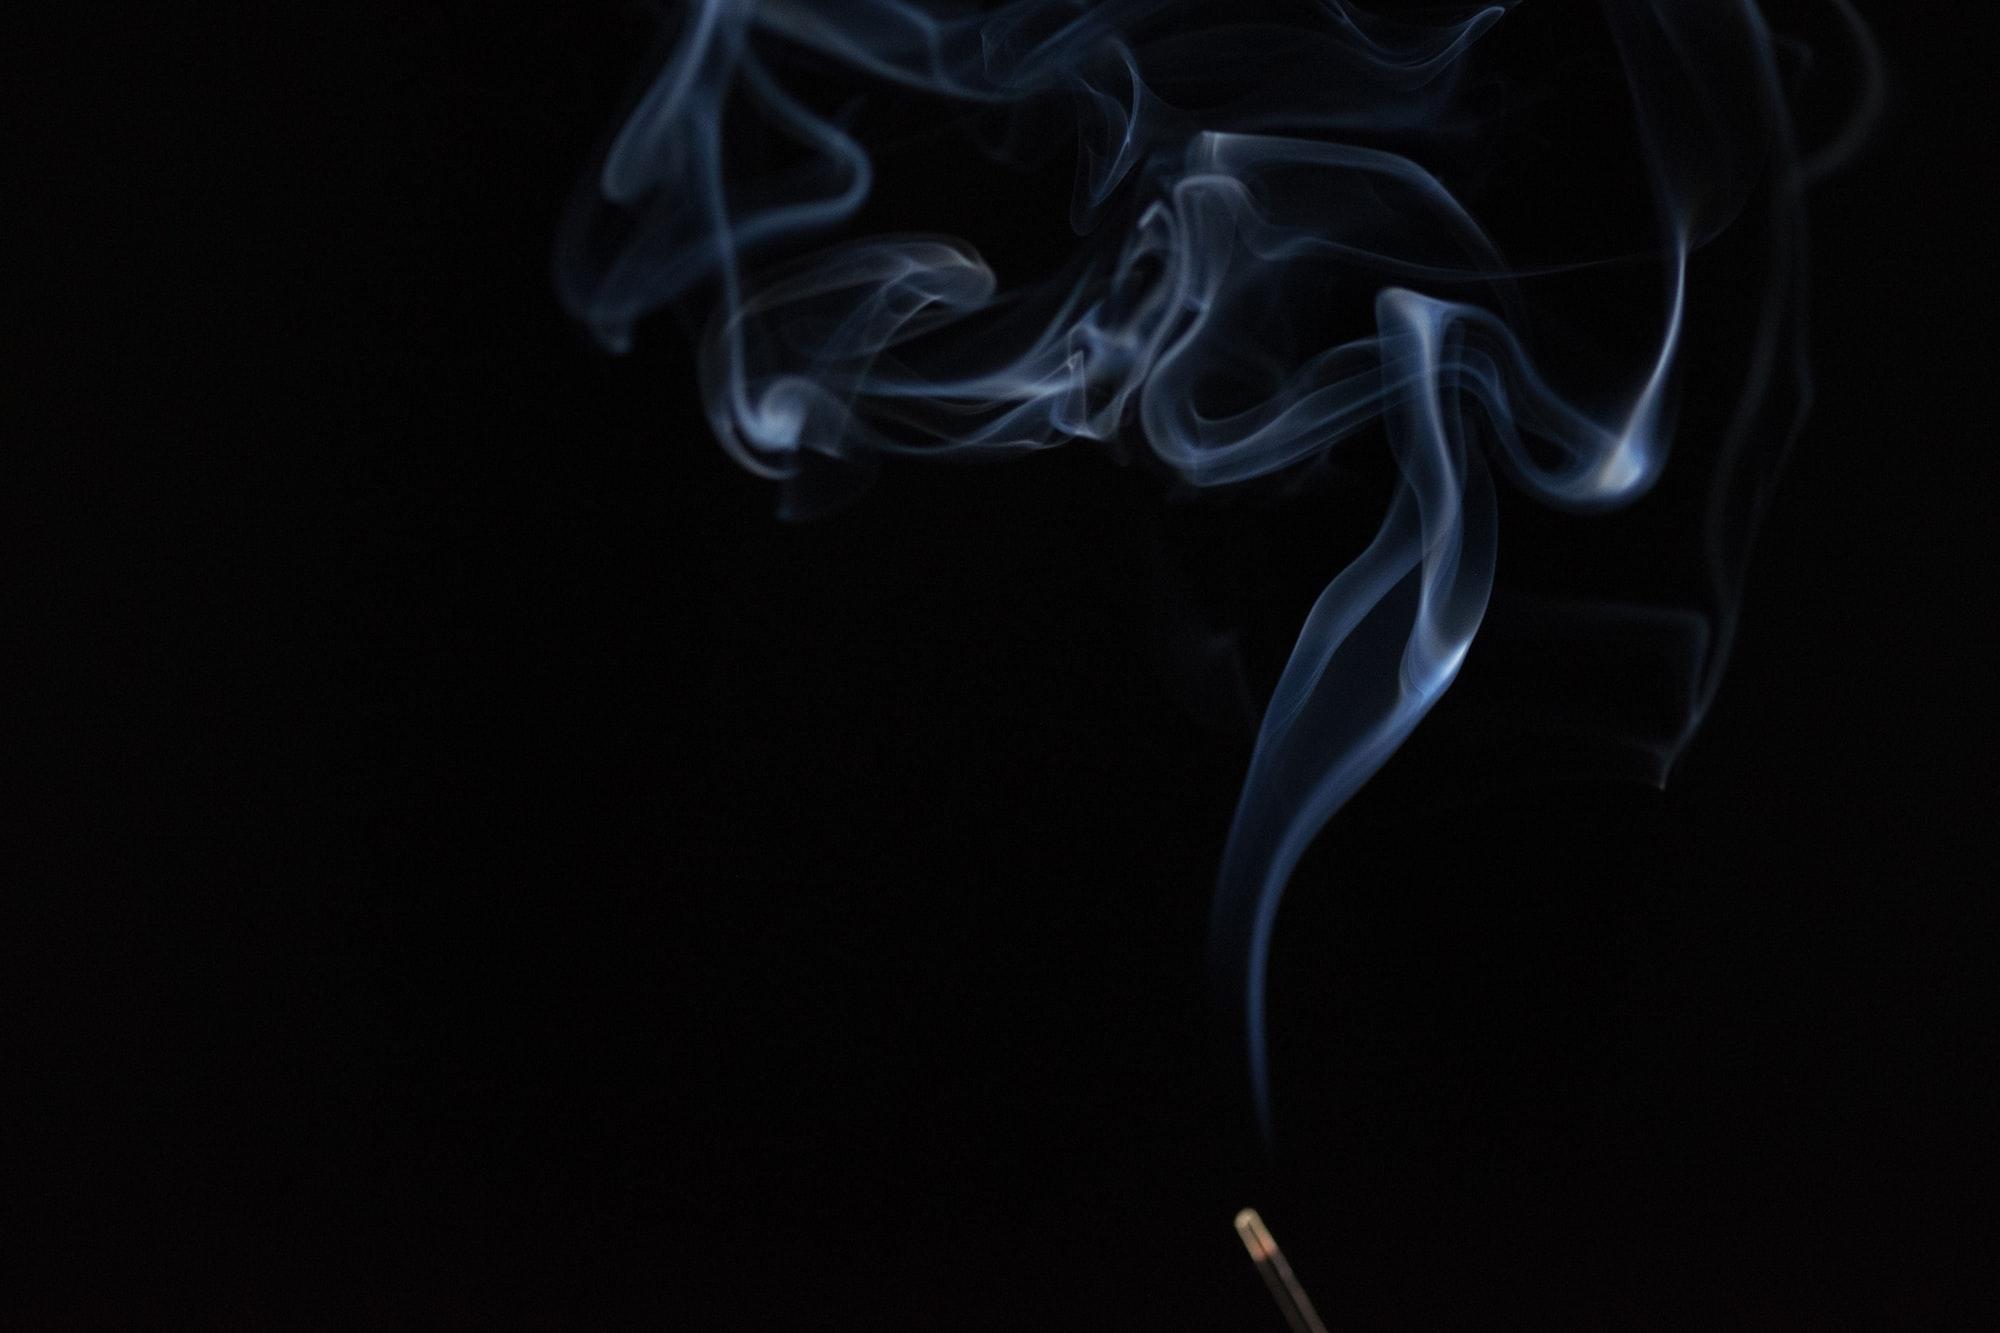 Tütün Fidelerinin Yetiştirildiği Yatak Bulmaca Anlamı Nedir?